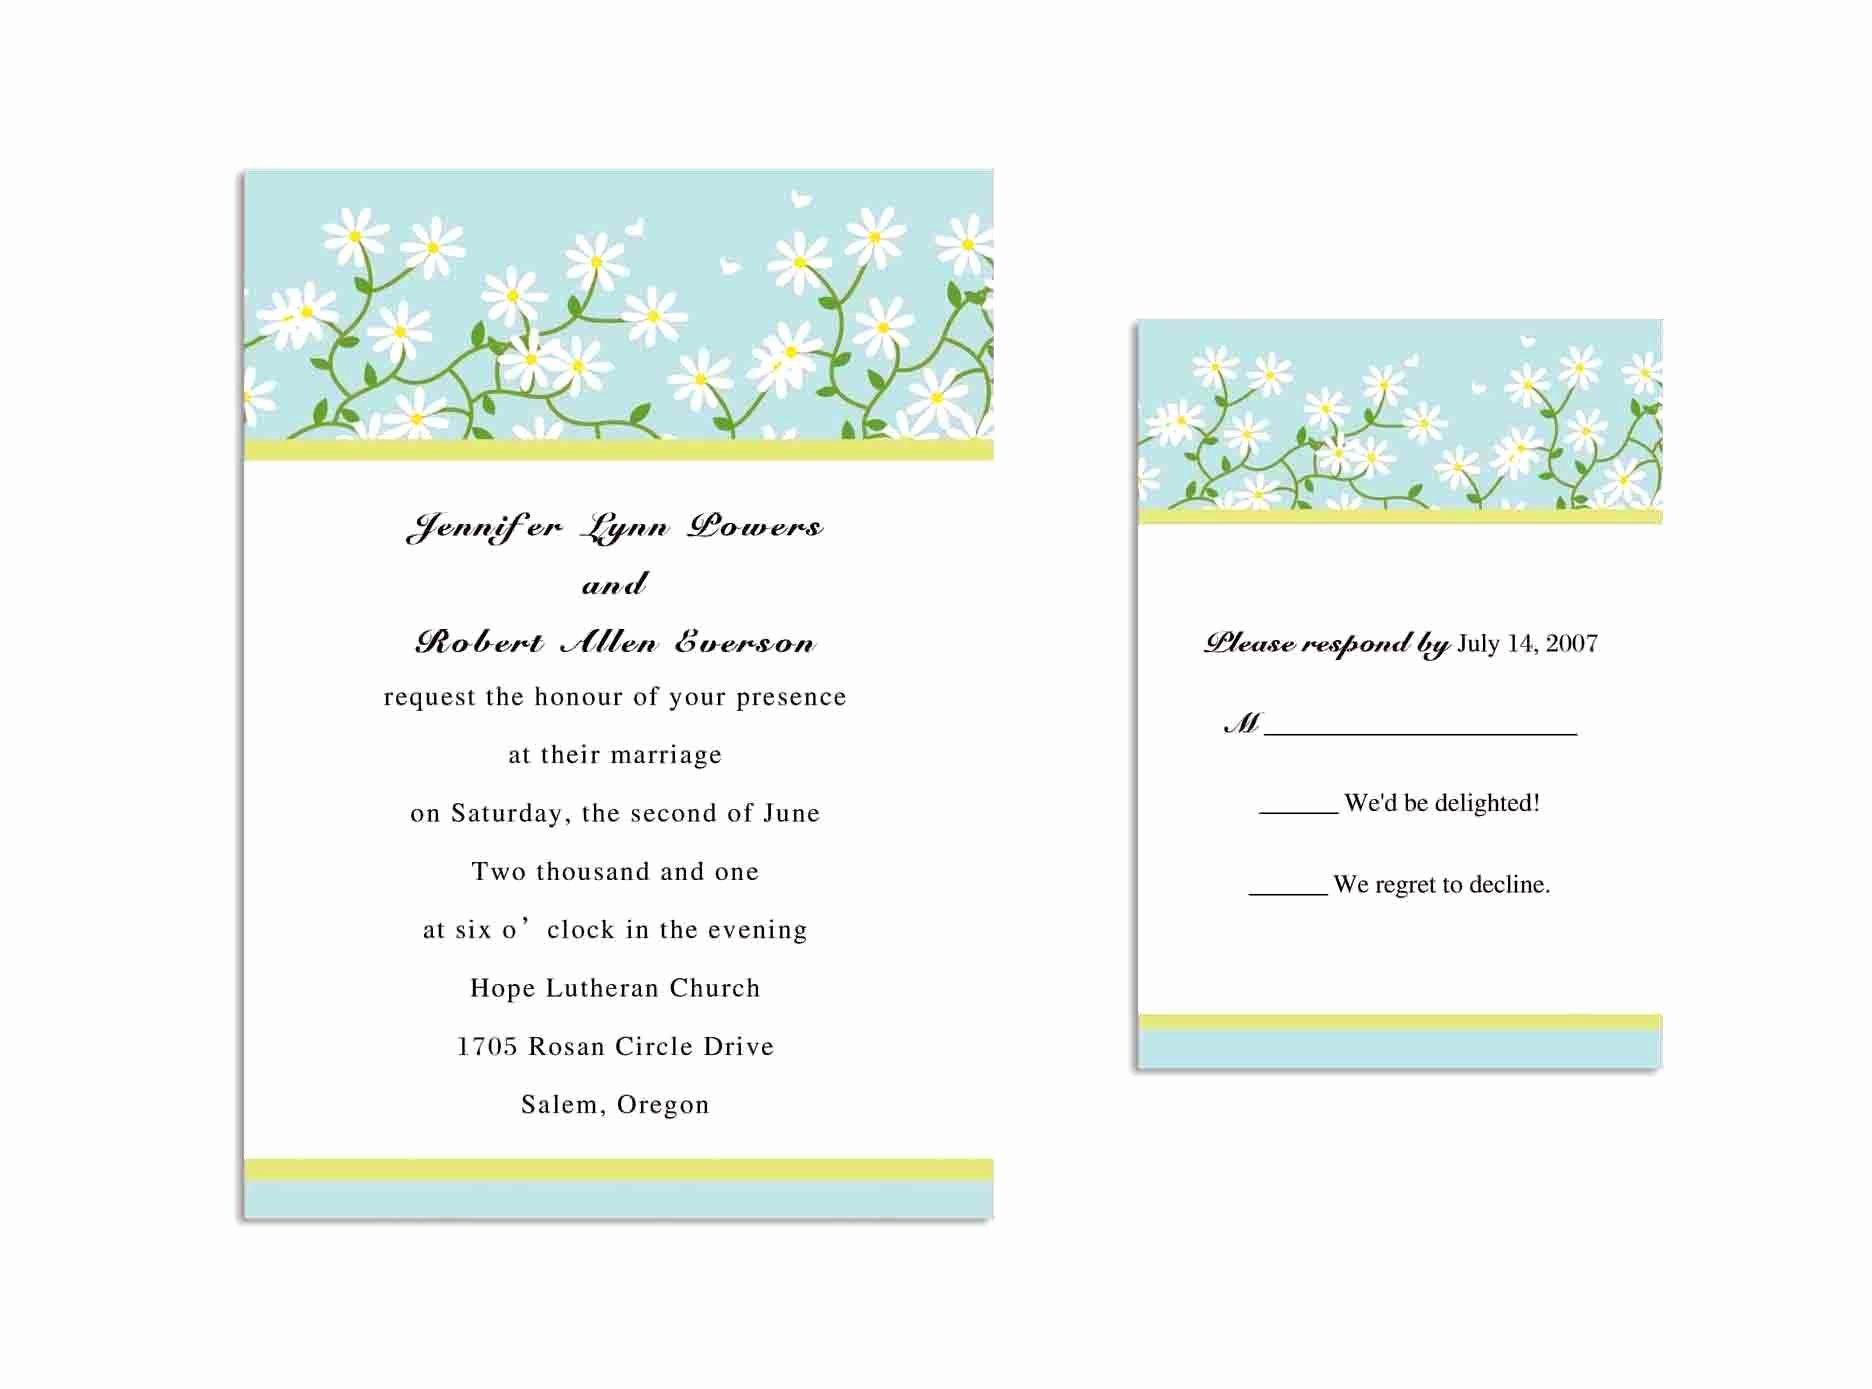 Word Template for Invitations Unique Engagement Party Invitation Word Templates Free Card